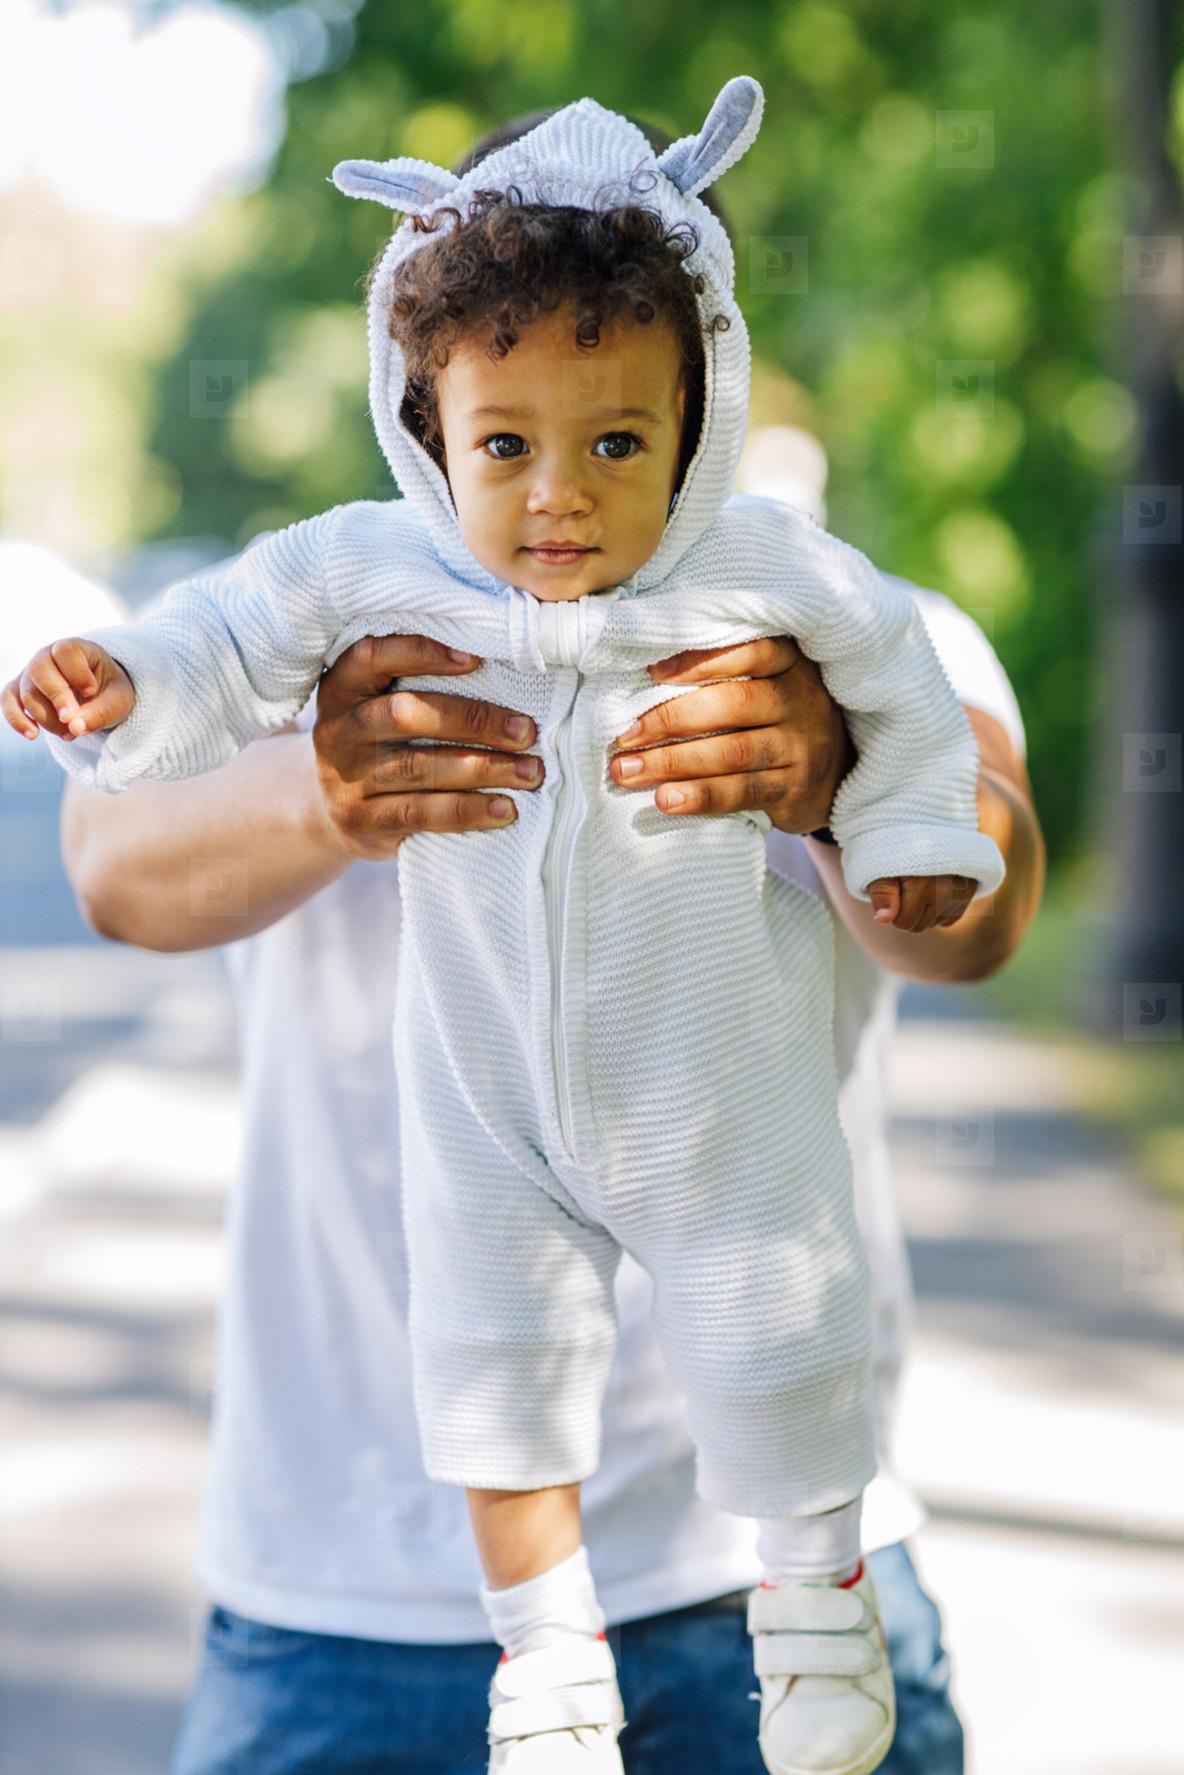 Cute little boy looking